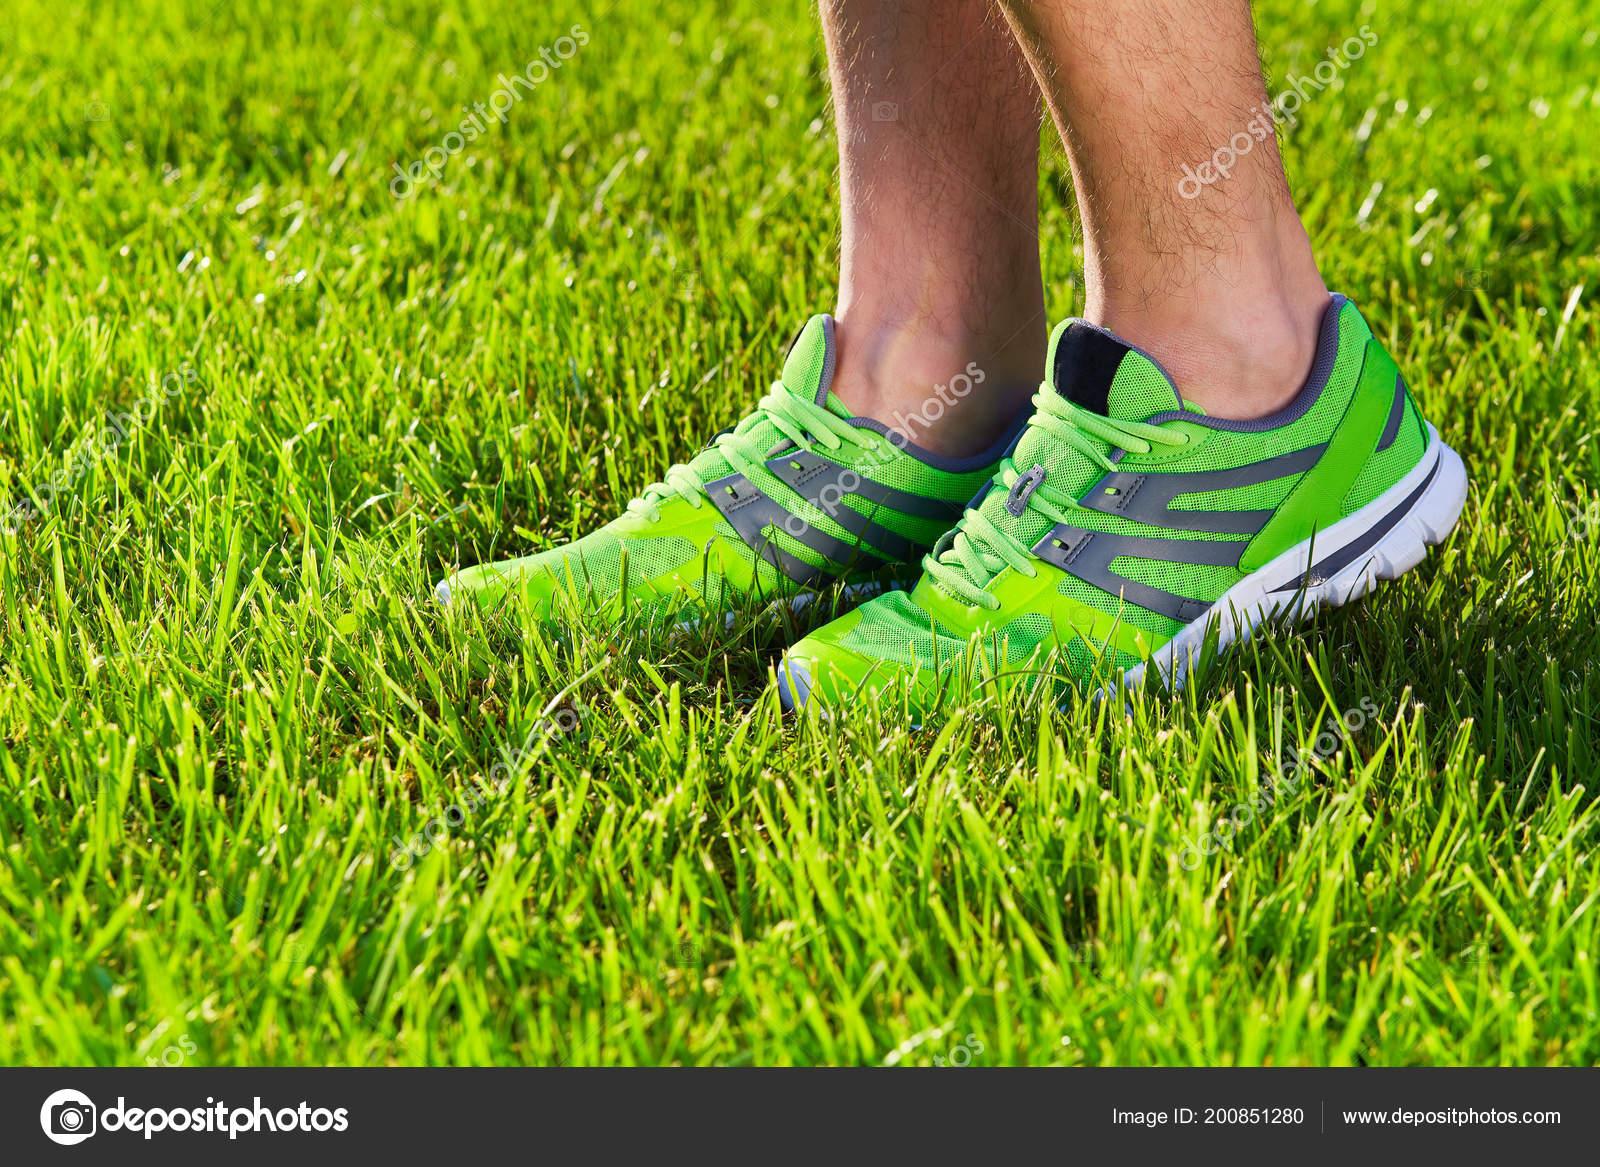 Sportschuhe Turnschuhe Auf Eine Frische Grüne Wiese Sport